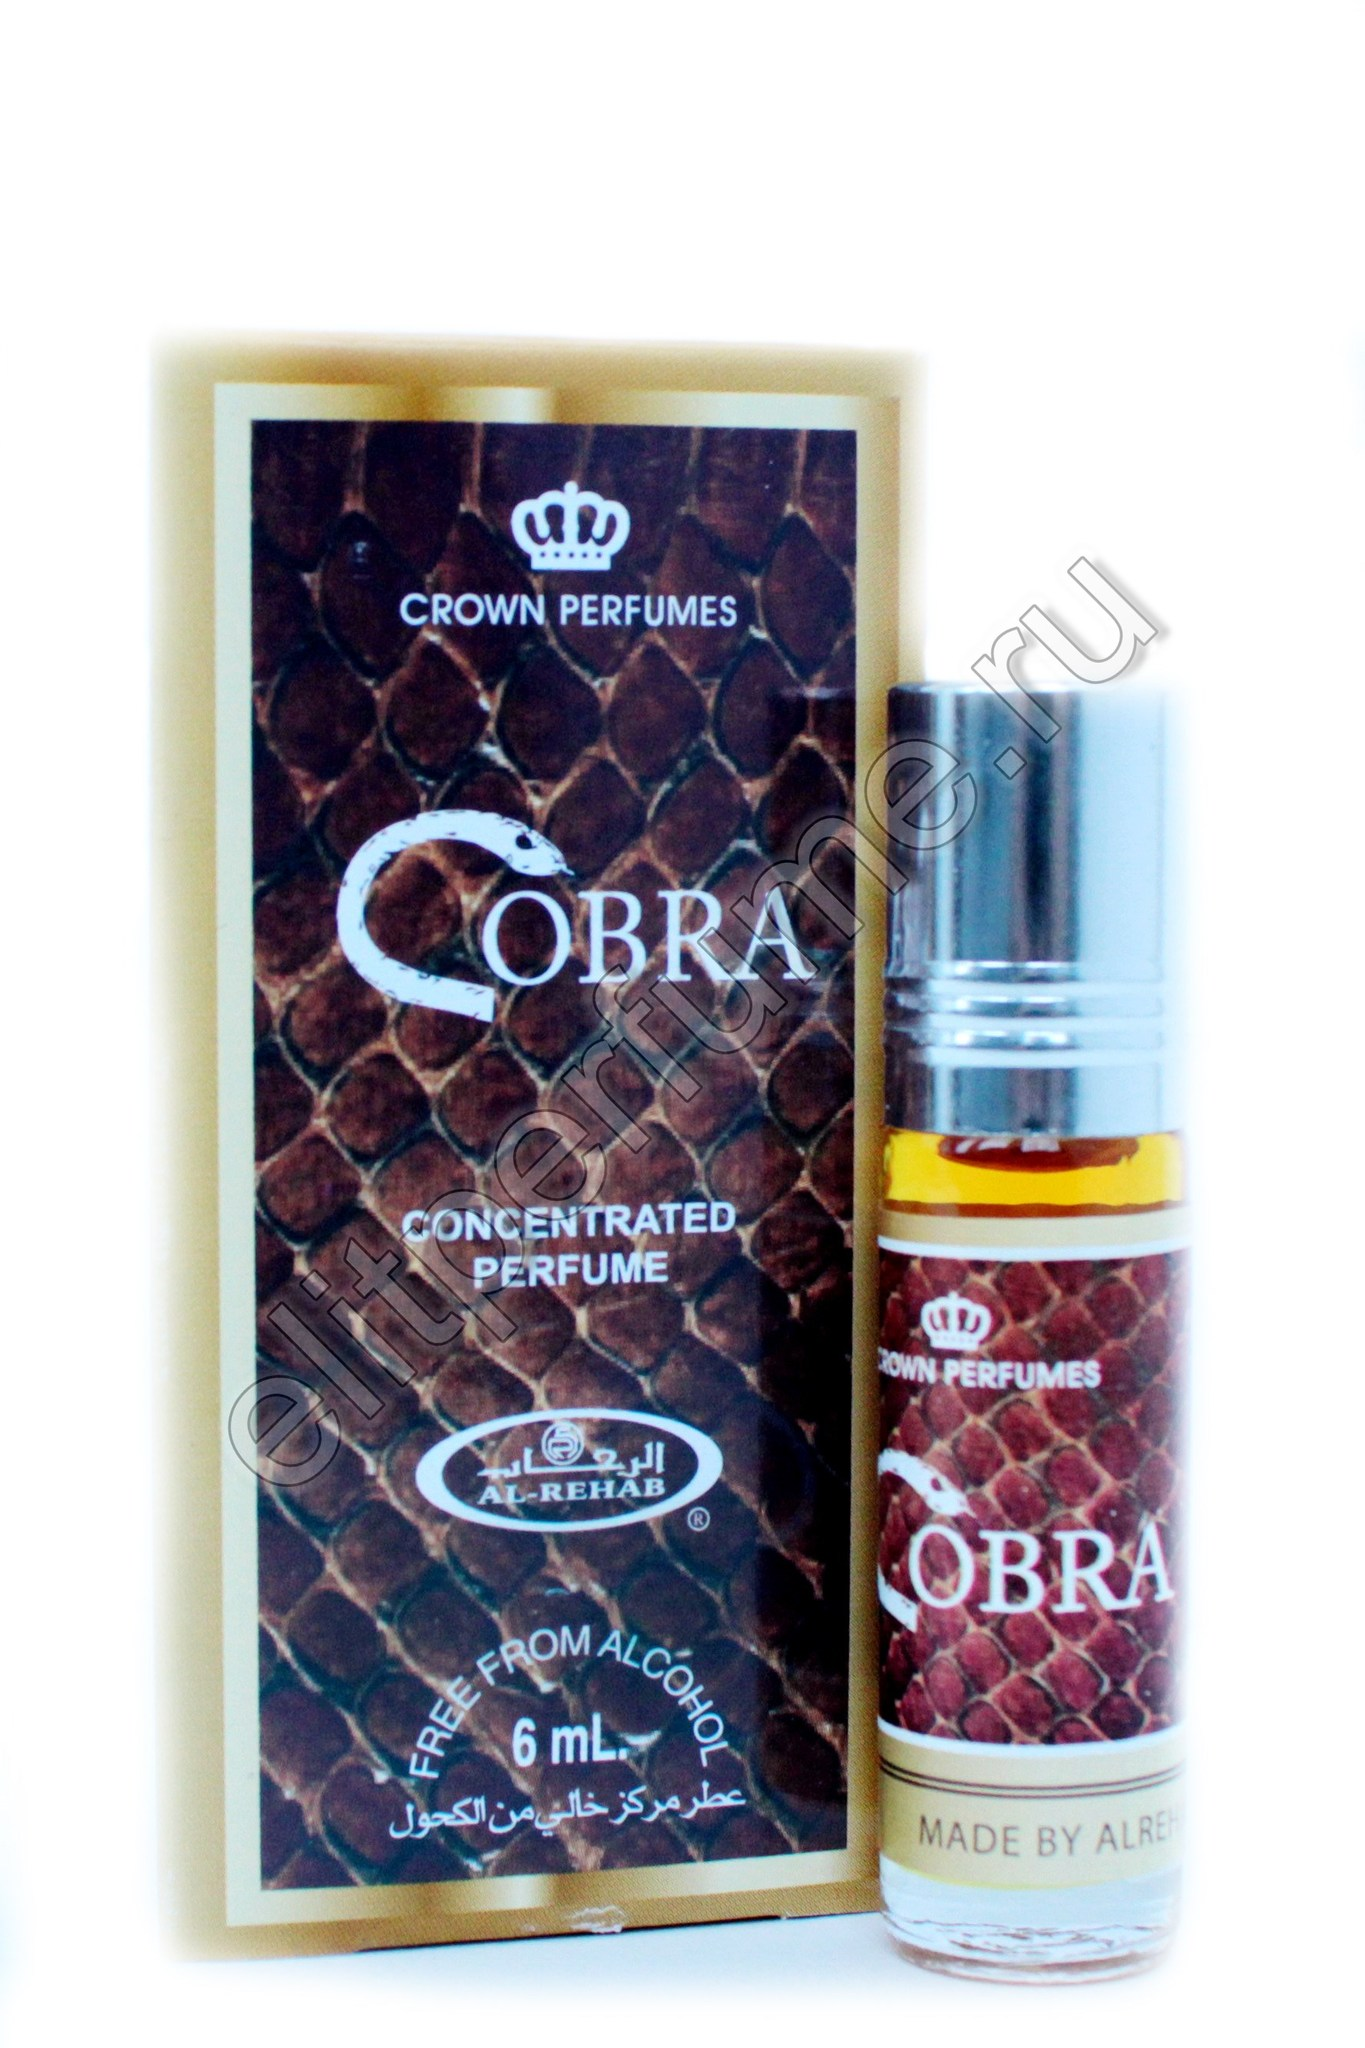 Cobra Кобра  6 мл арабские масляные духи от Аль Рехаб Al Rehab